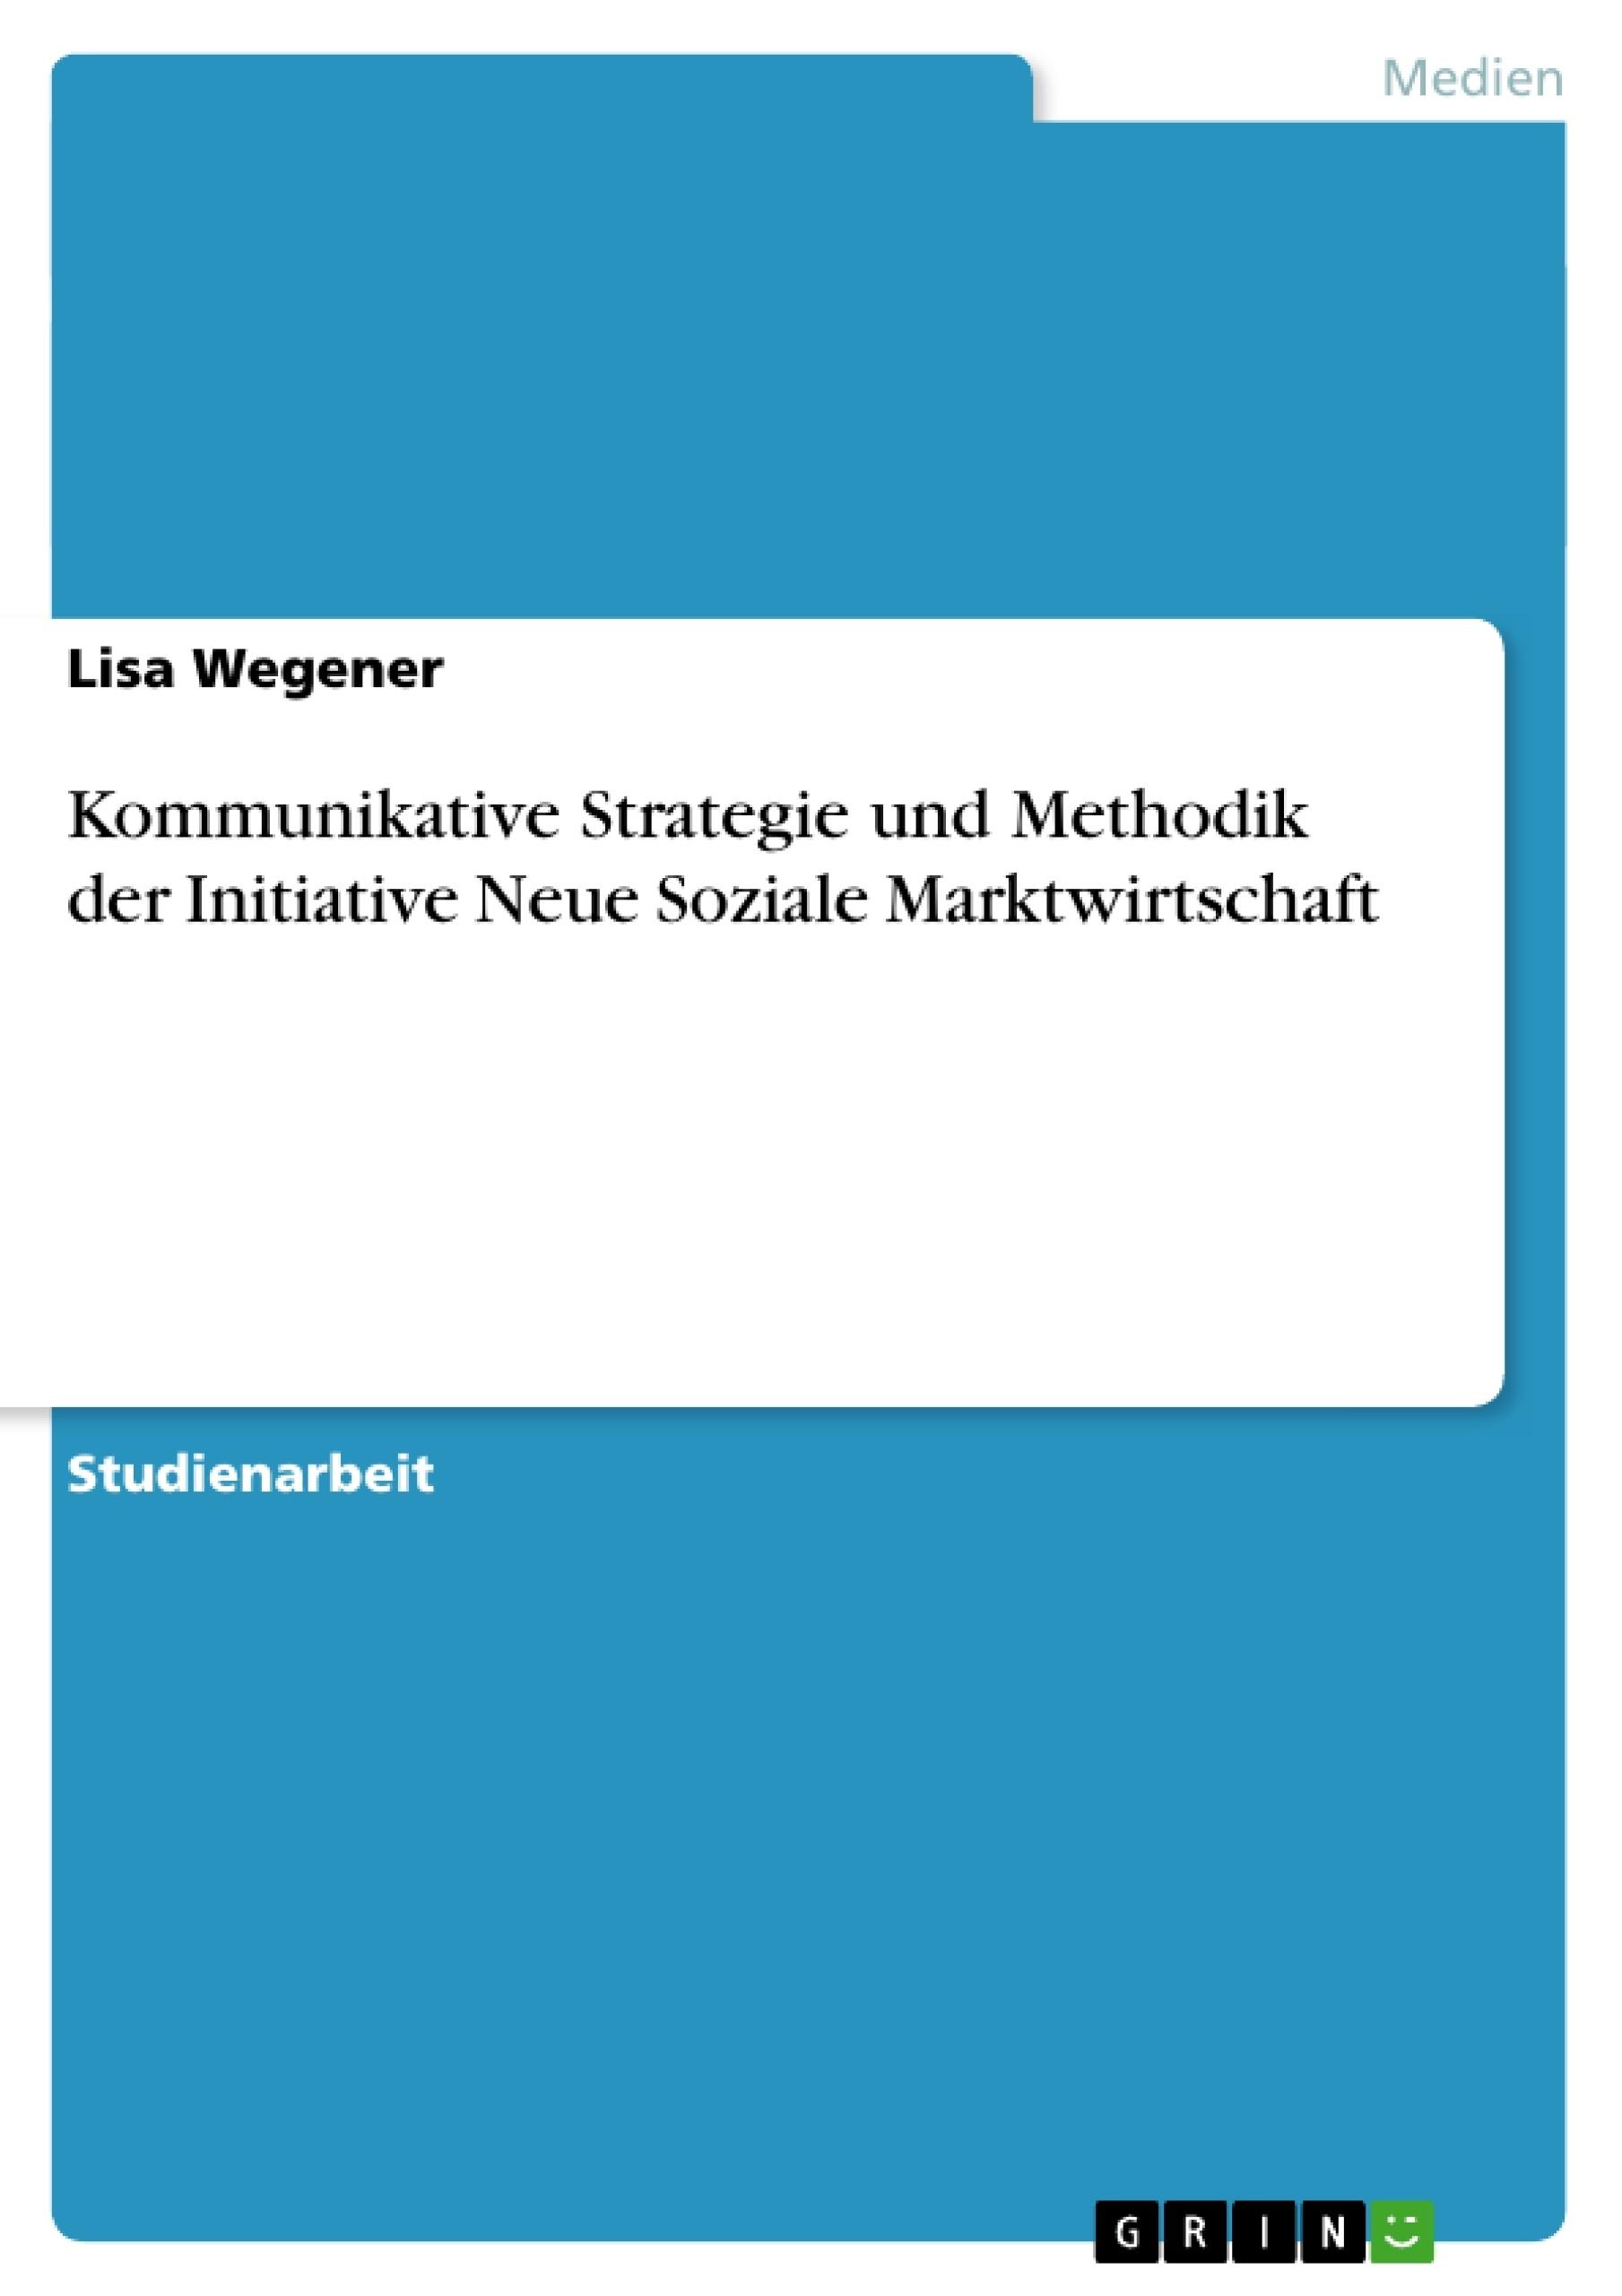 Titel: Kommunikative Strategie und Methodik der Initiative Neue Soziale Marktwirtschaft